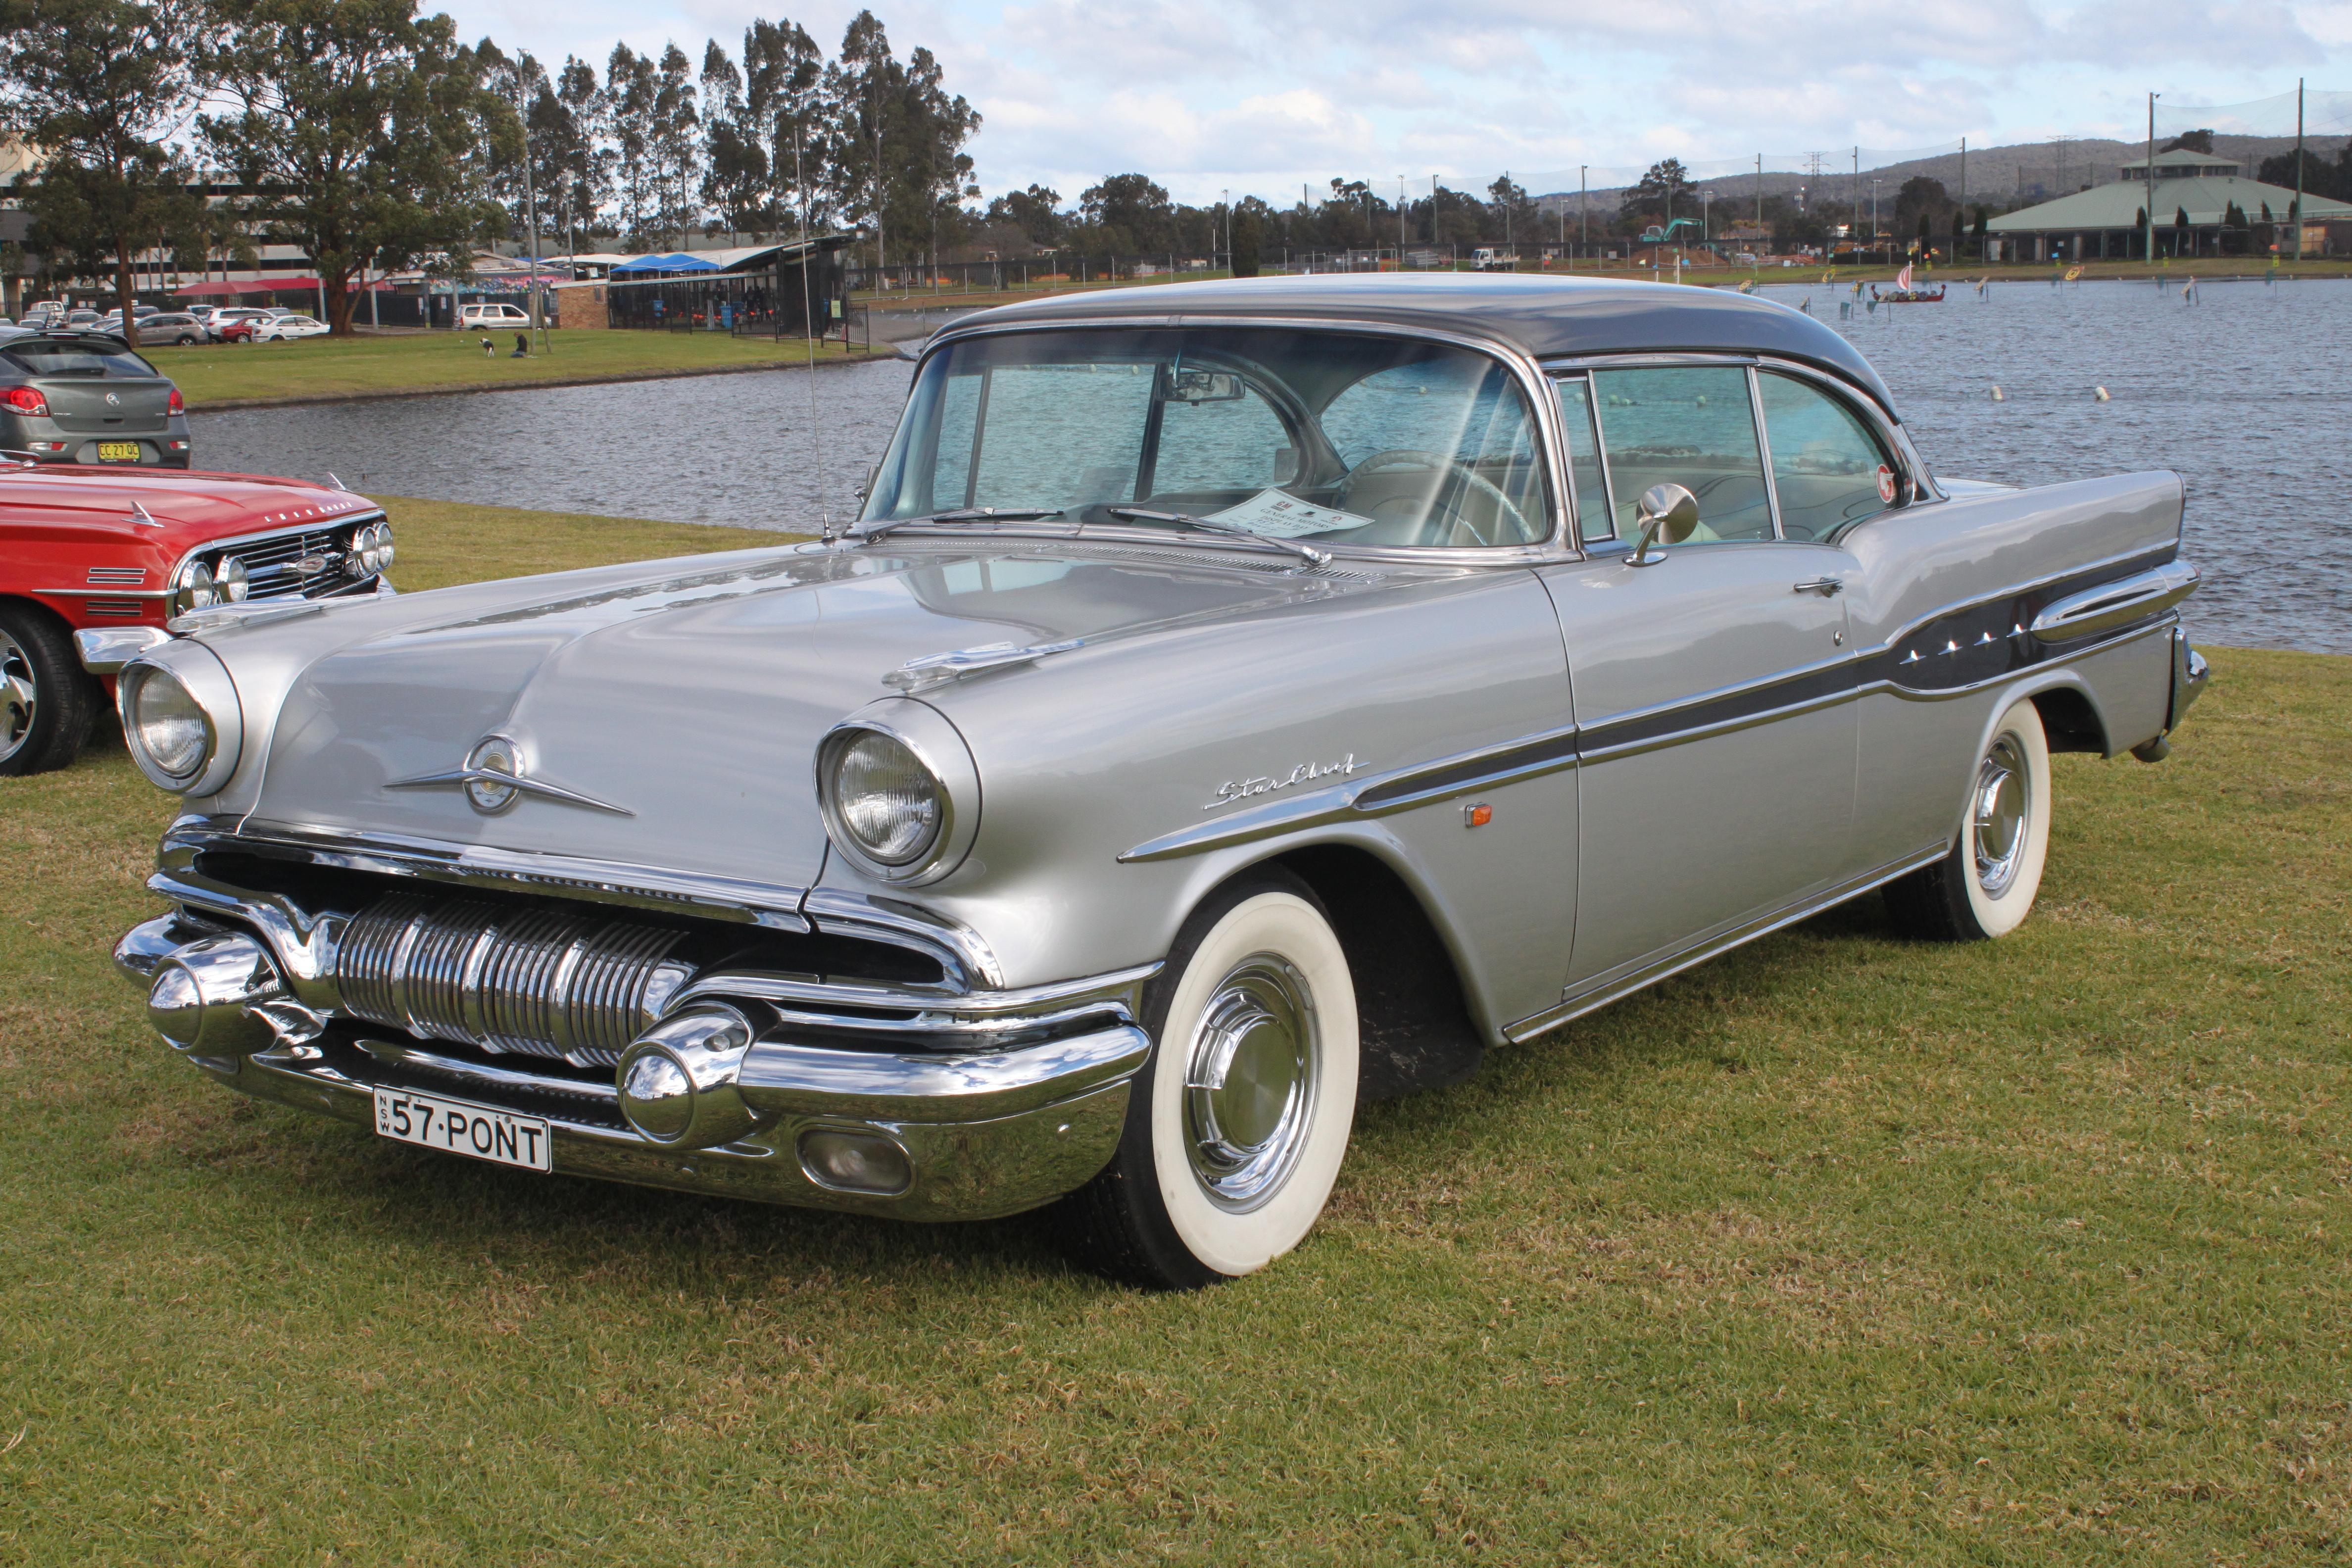 1950 Pontiac Trans Am